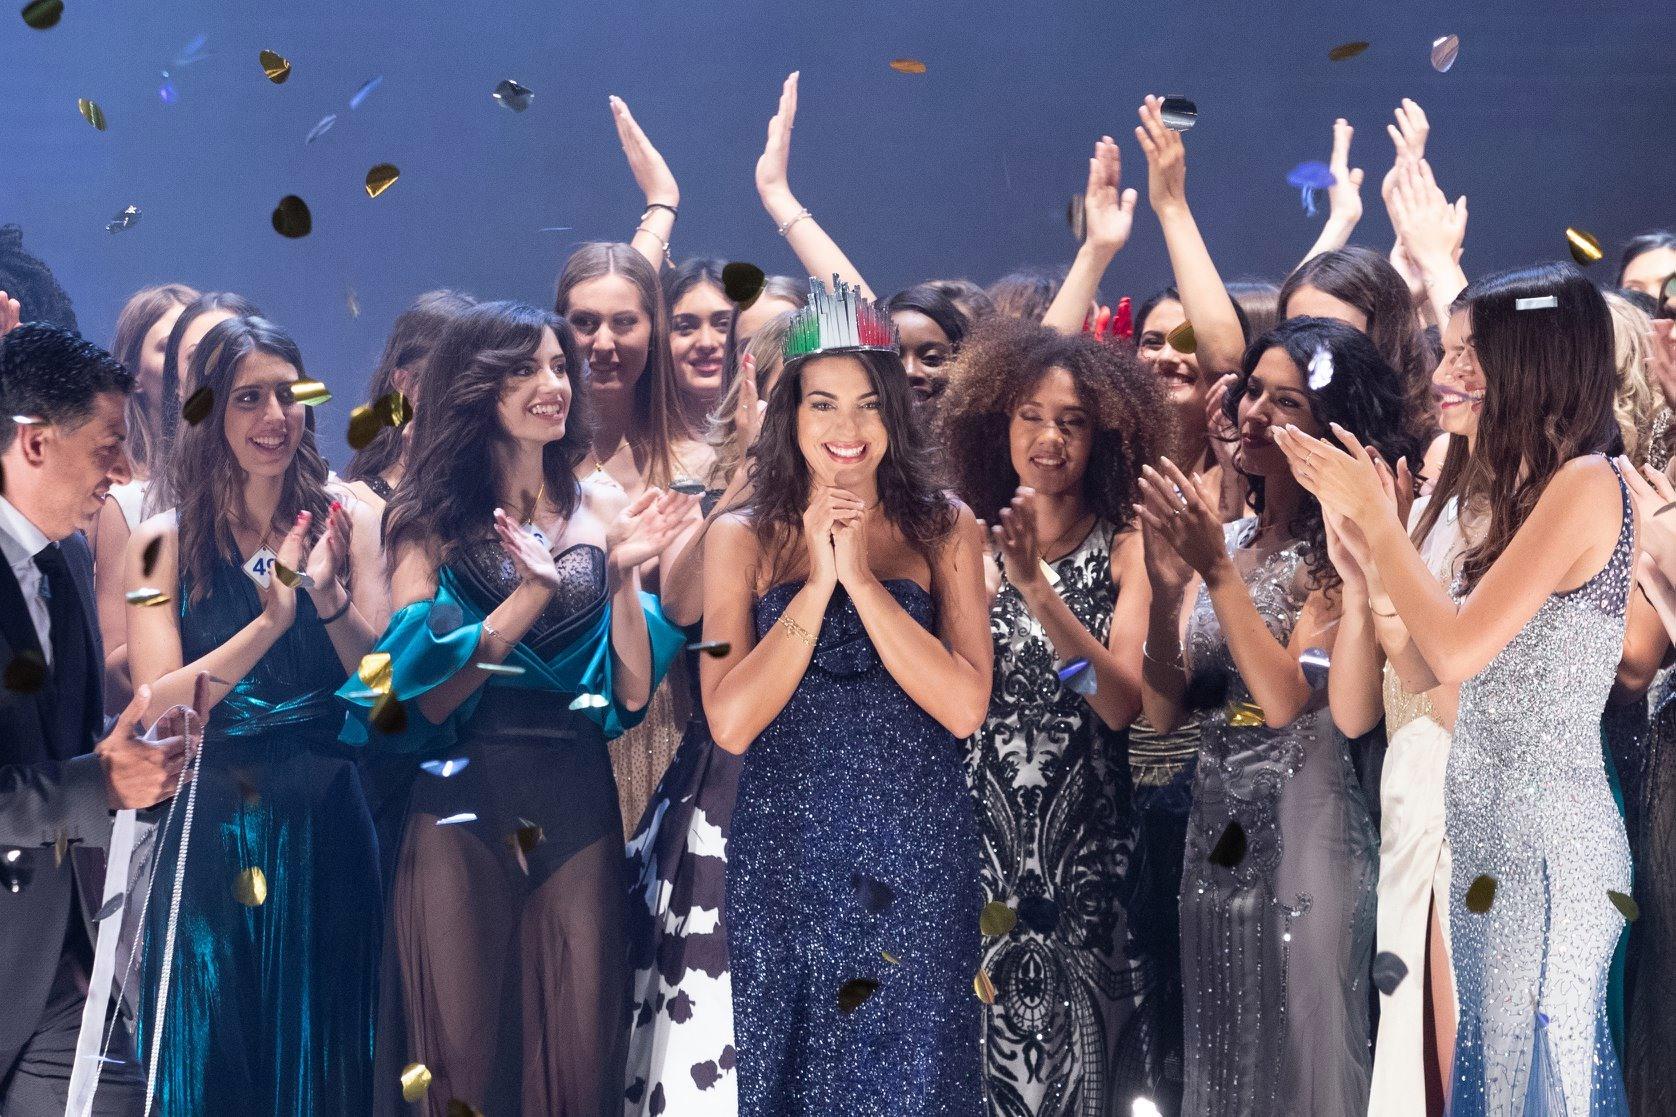 Incoronazione di Adele Sammartino - Miss Mondo Italia 2019